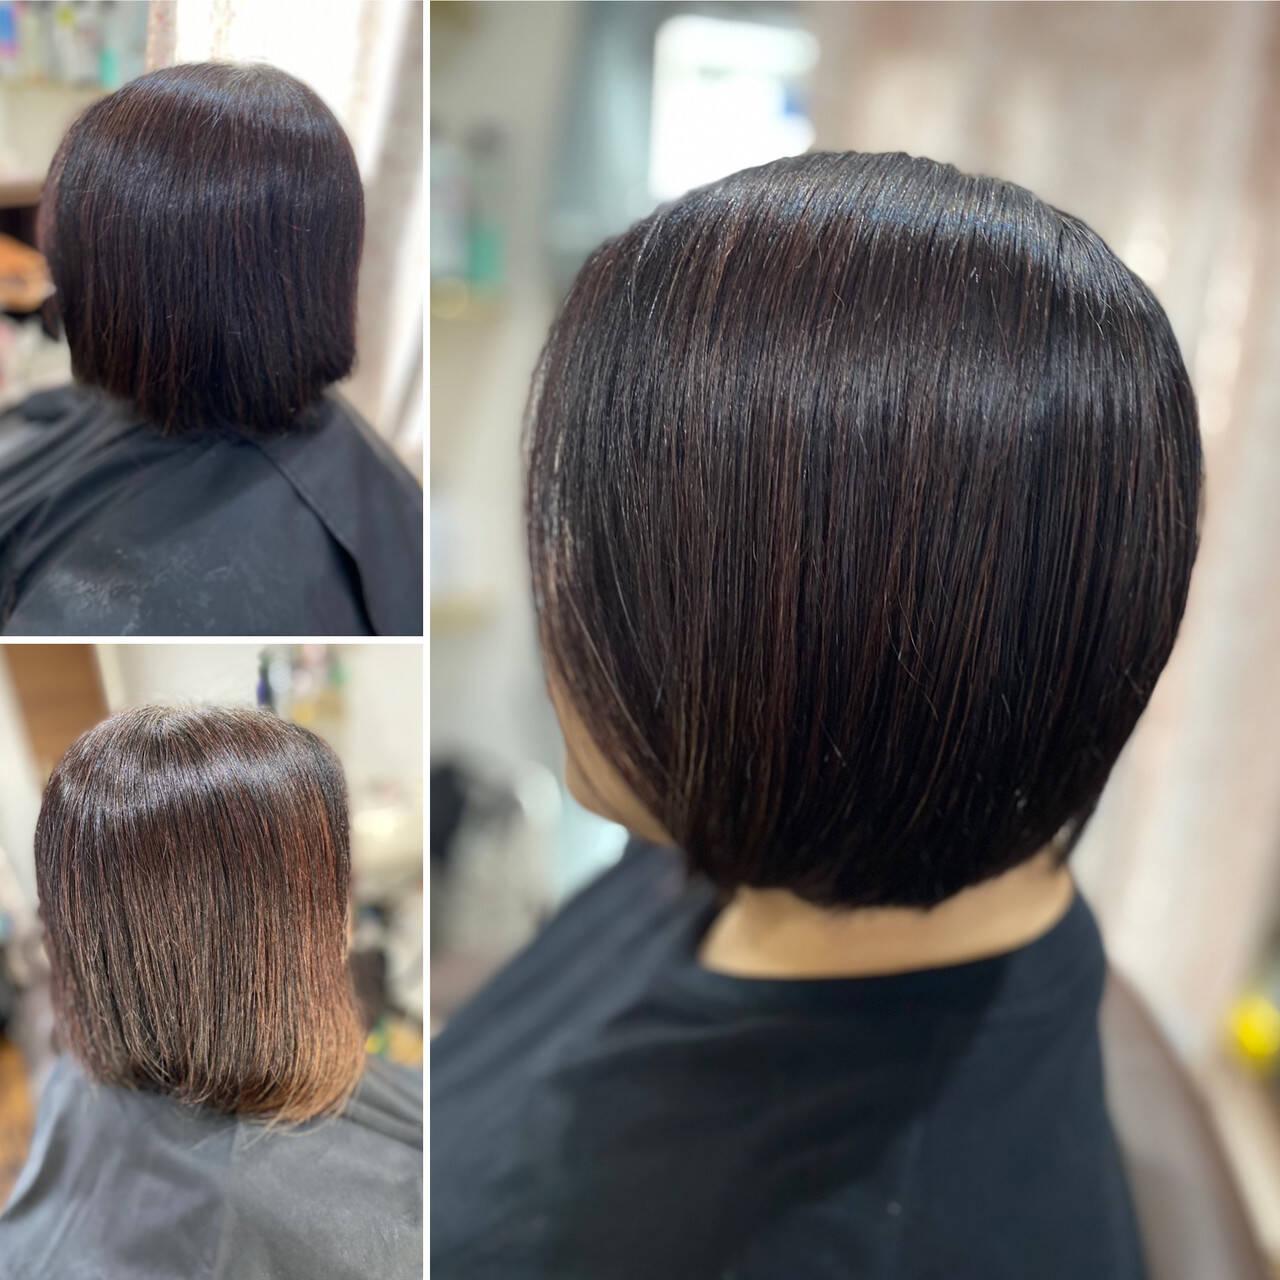 髪質改善 ヘナカラー 薄毛改善 モードヘアスタイルや髪型の写真・画像